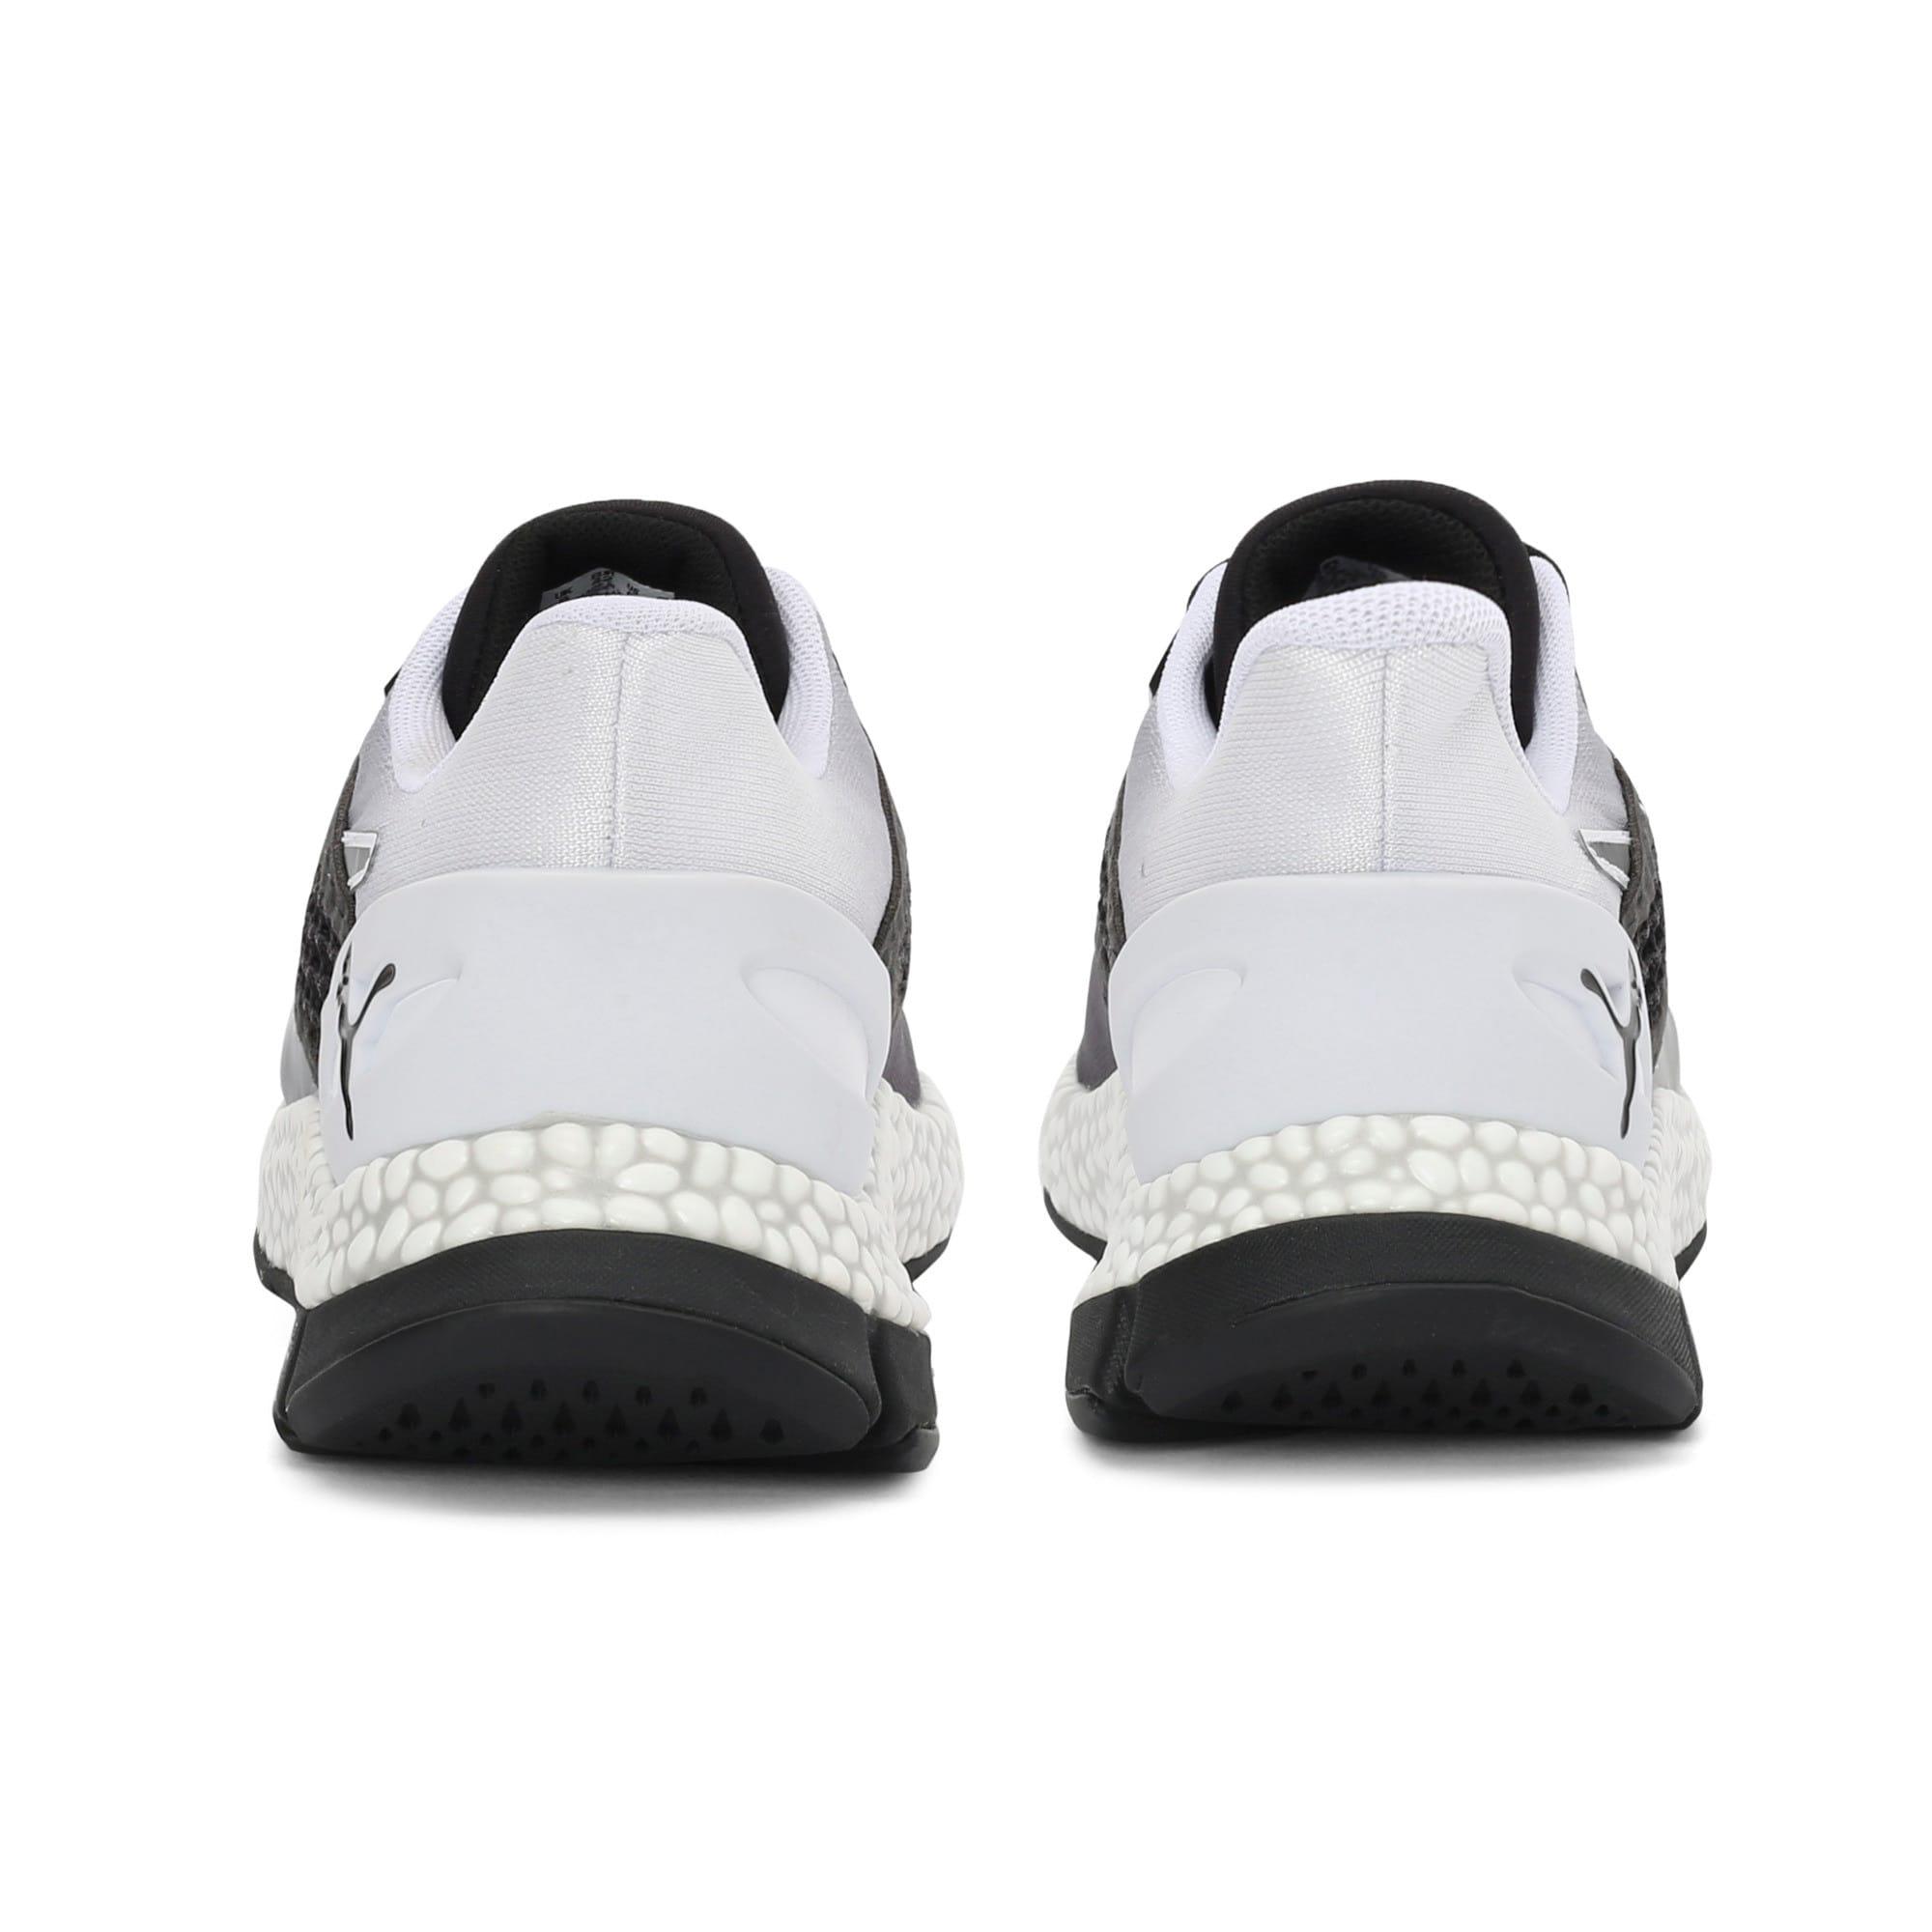 Thumbnail 3 of HYBRID Astro one8 Unisex Running Shoes, Puma Black-Puma White, medium-IND